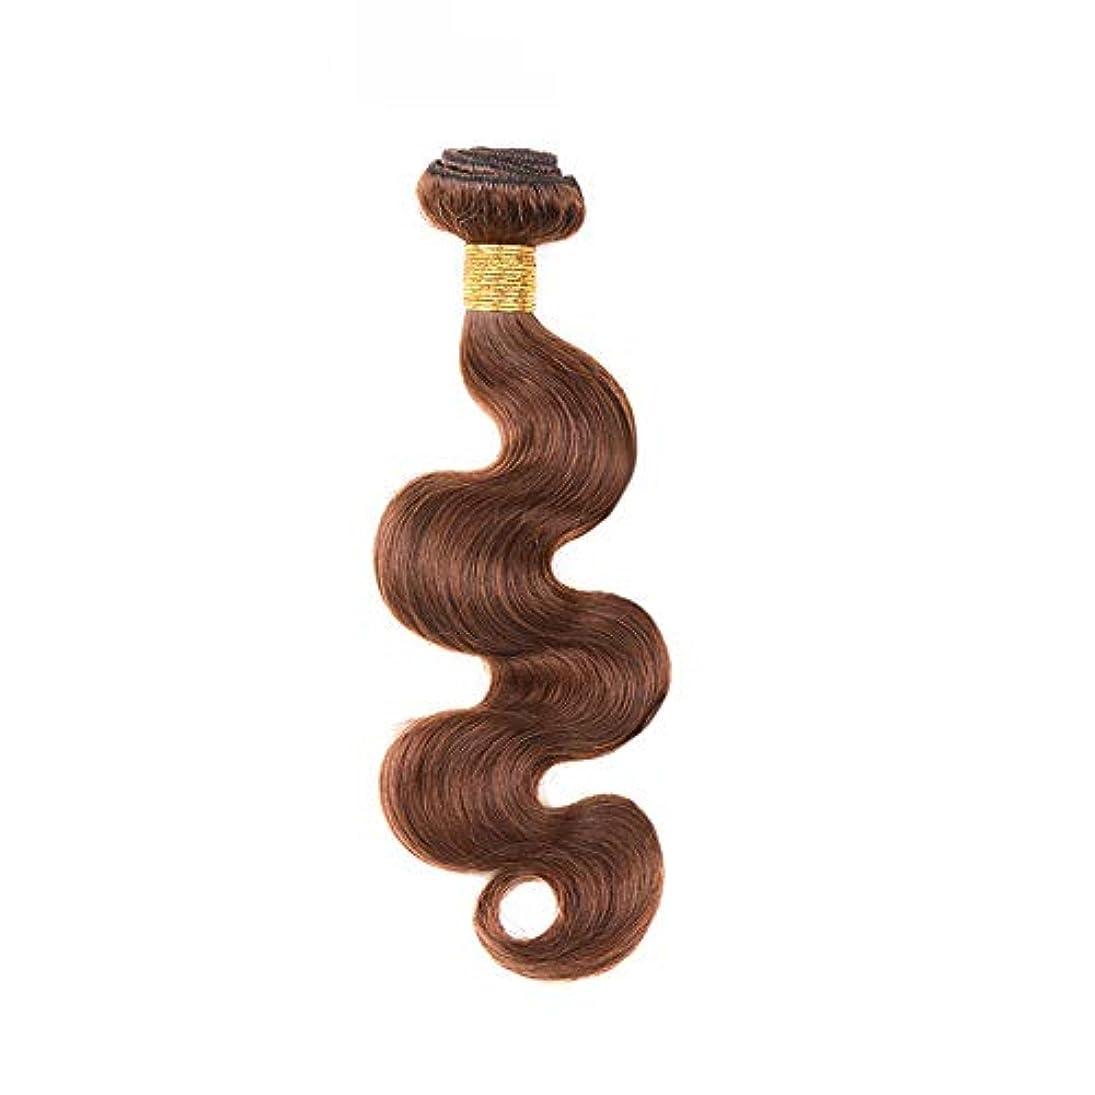 天皇スタウト動かすBOBIDYEE 茶色の人間の髪織りバンドルリアルレミーナチュラルヘアエクステンション横糸 - 実体波 - 4#ブラウン(1バンドル、10インチ-24インチ、100g)合成髪レースかつらロールプレイングウィッグロング&ショート...